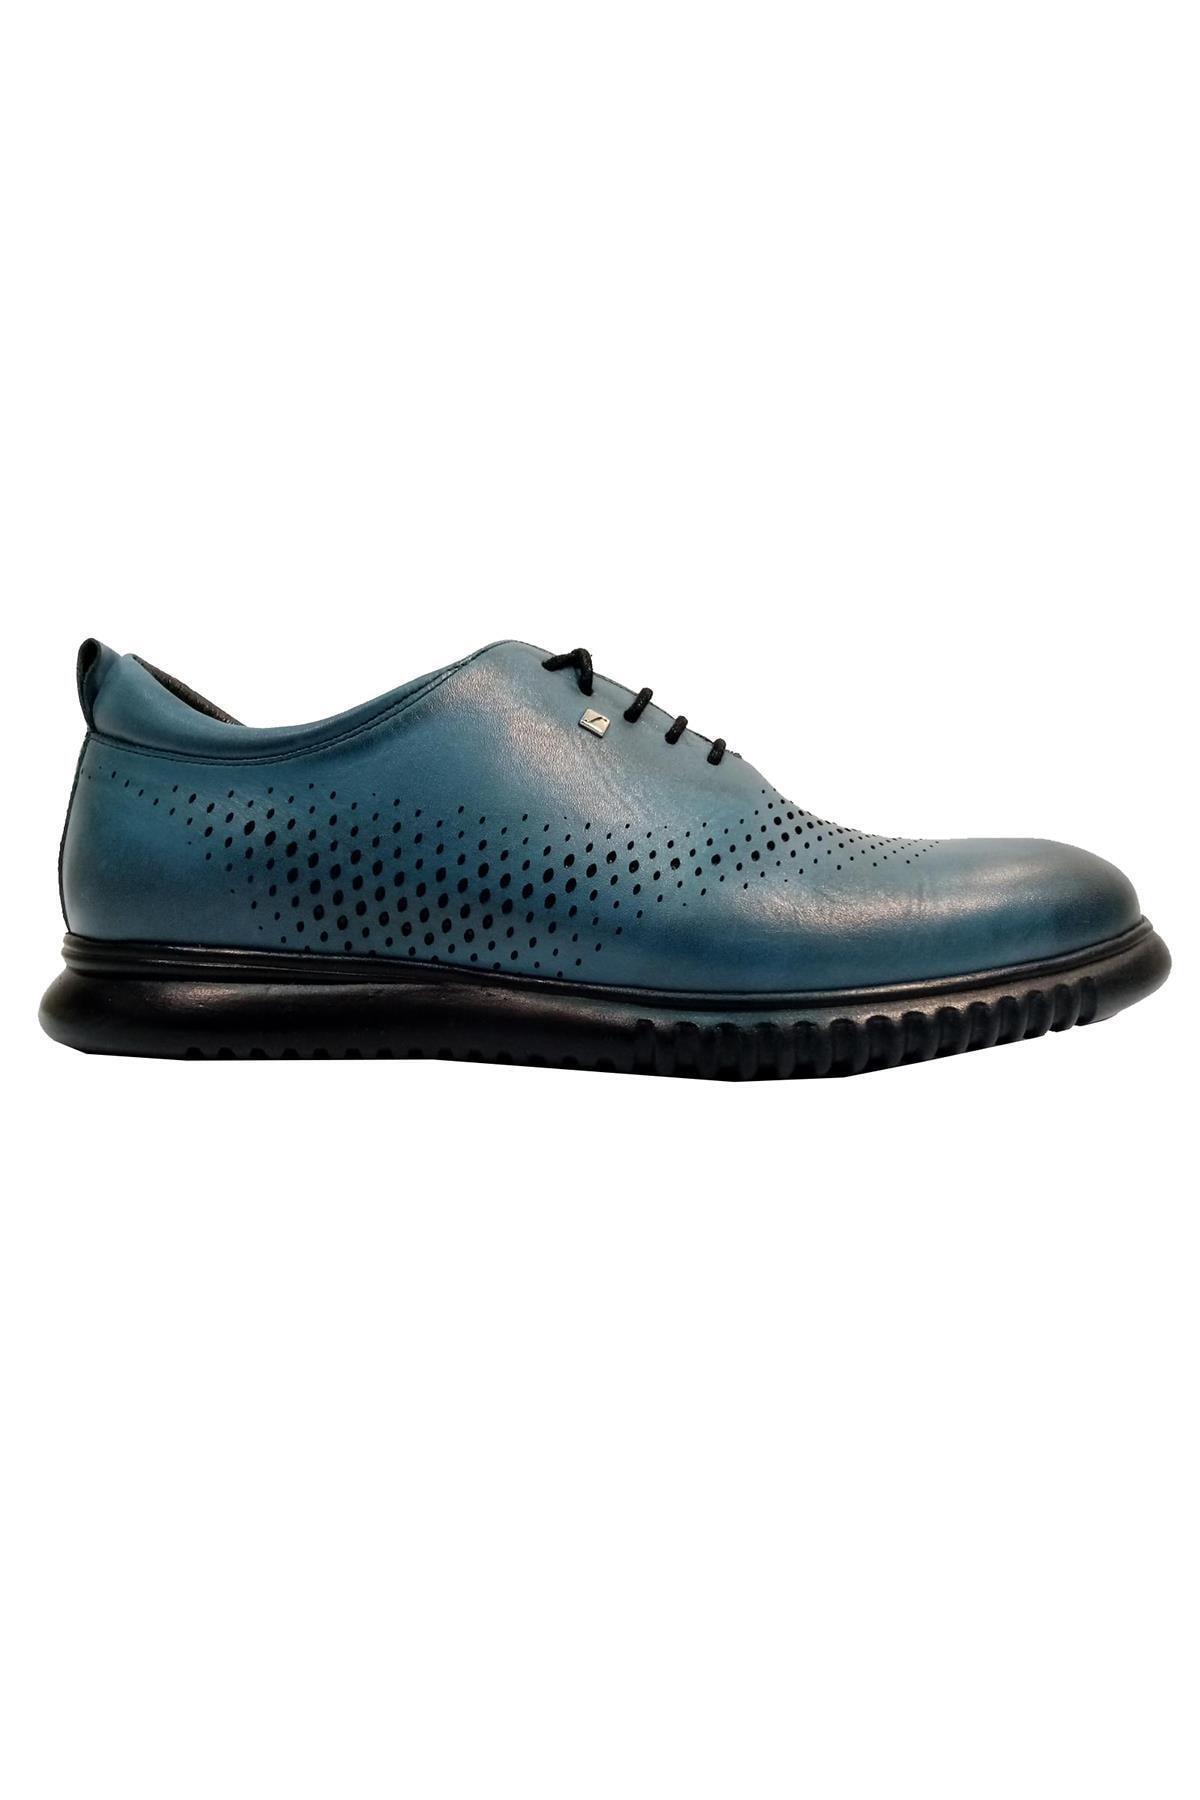 Fosco 8028 Erkek Ayakkabı 2